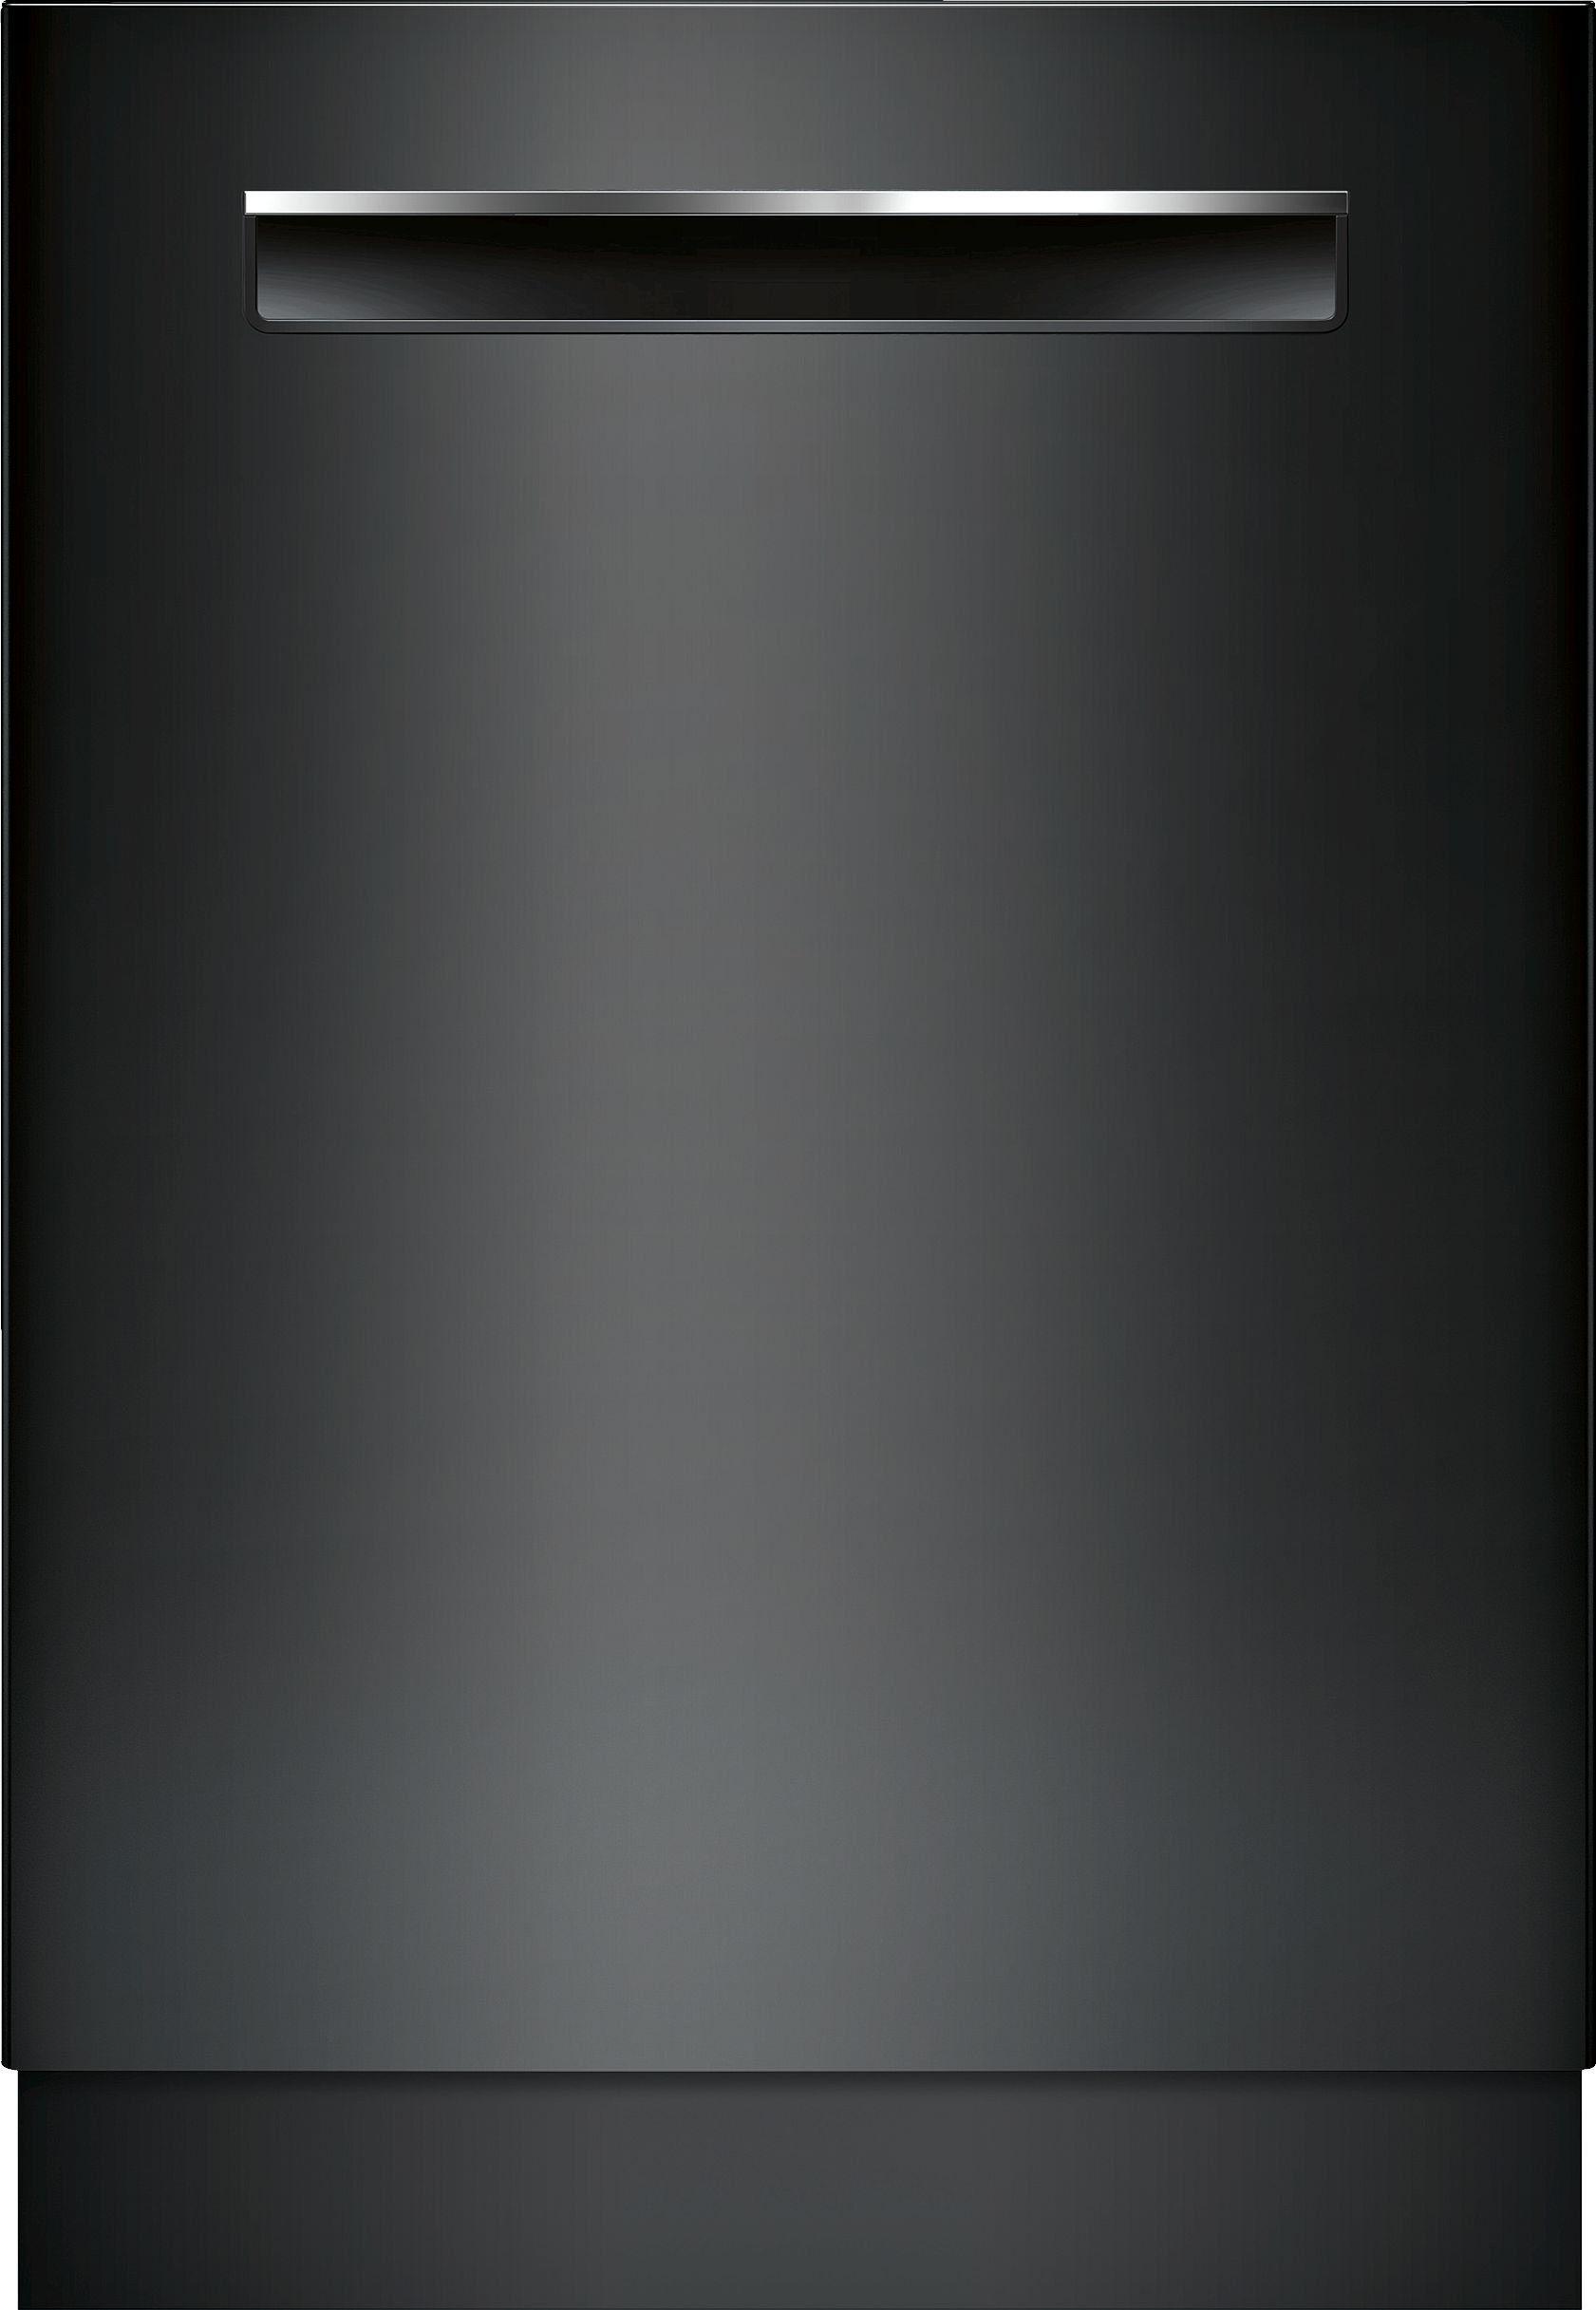 Bosch 500 Dlx Series Dishwasher With Autoair Black In 2020 Integrated Dishwasher Black Dishwasher Fully Integrated Dishwasher